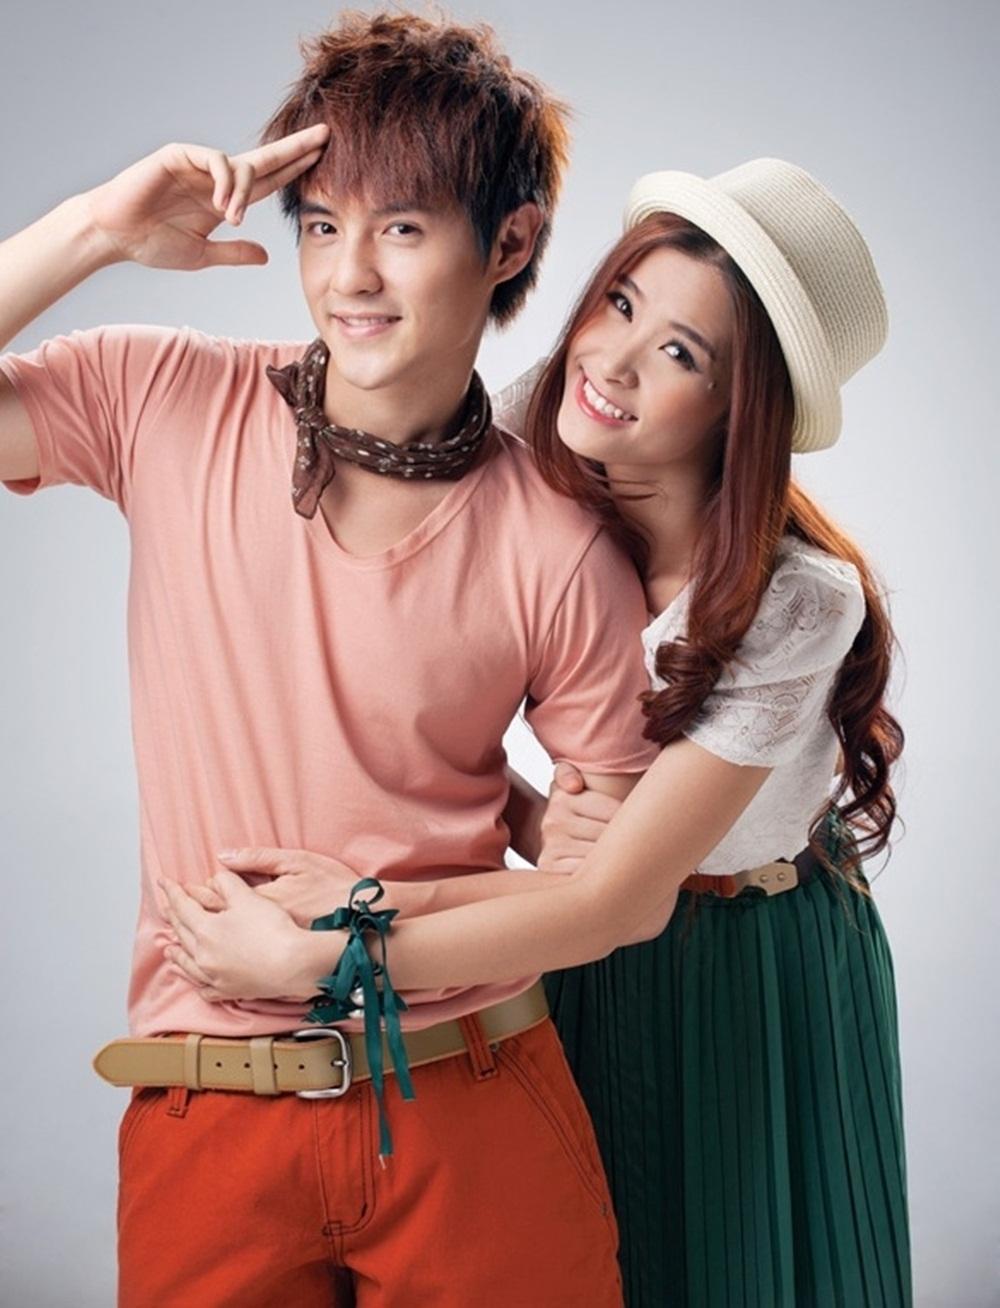 Sự dễ thương trong các ca khúc và phong cách thời trang nhí nhảnh một thời là chìa khóa giúp cặp đôi kẹo ngọt Đông Nhi - Ông Cao Thắng thu hút được đông đảo khán giả hâm mộ tuổi teen.